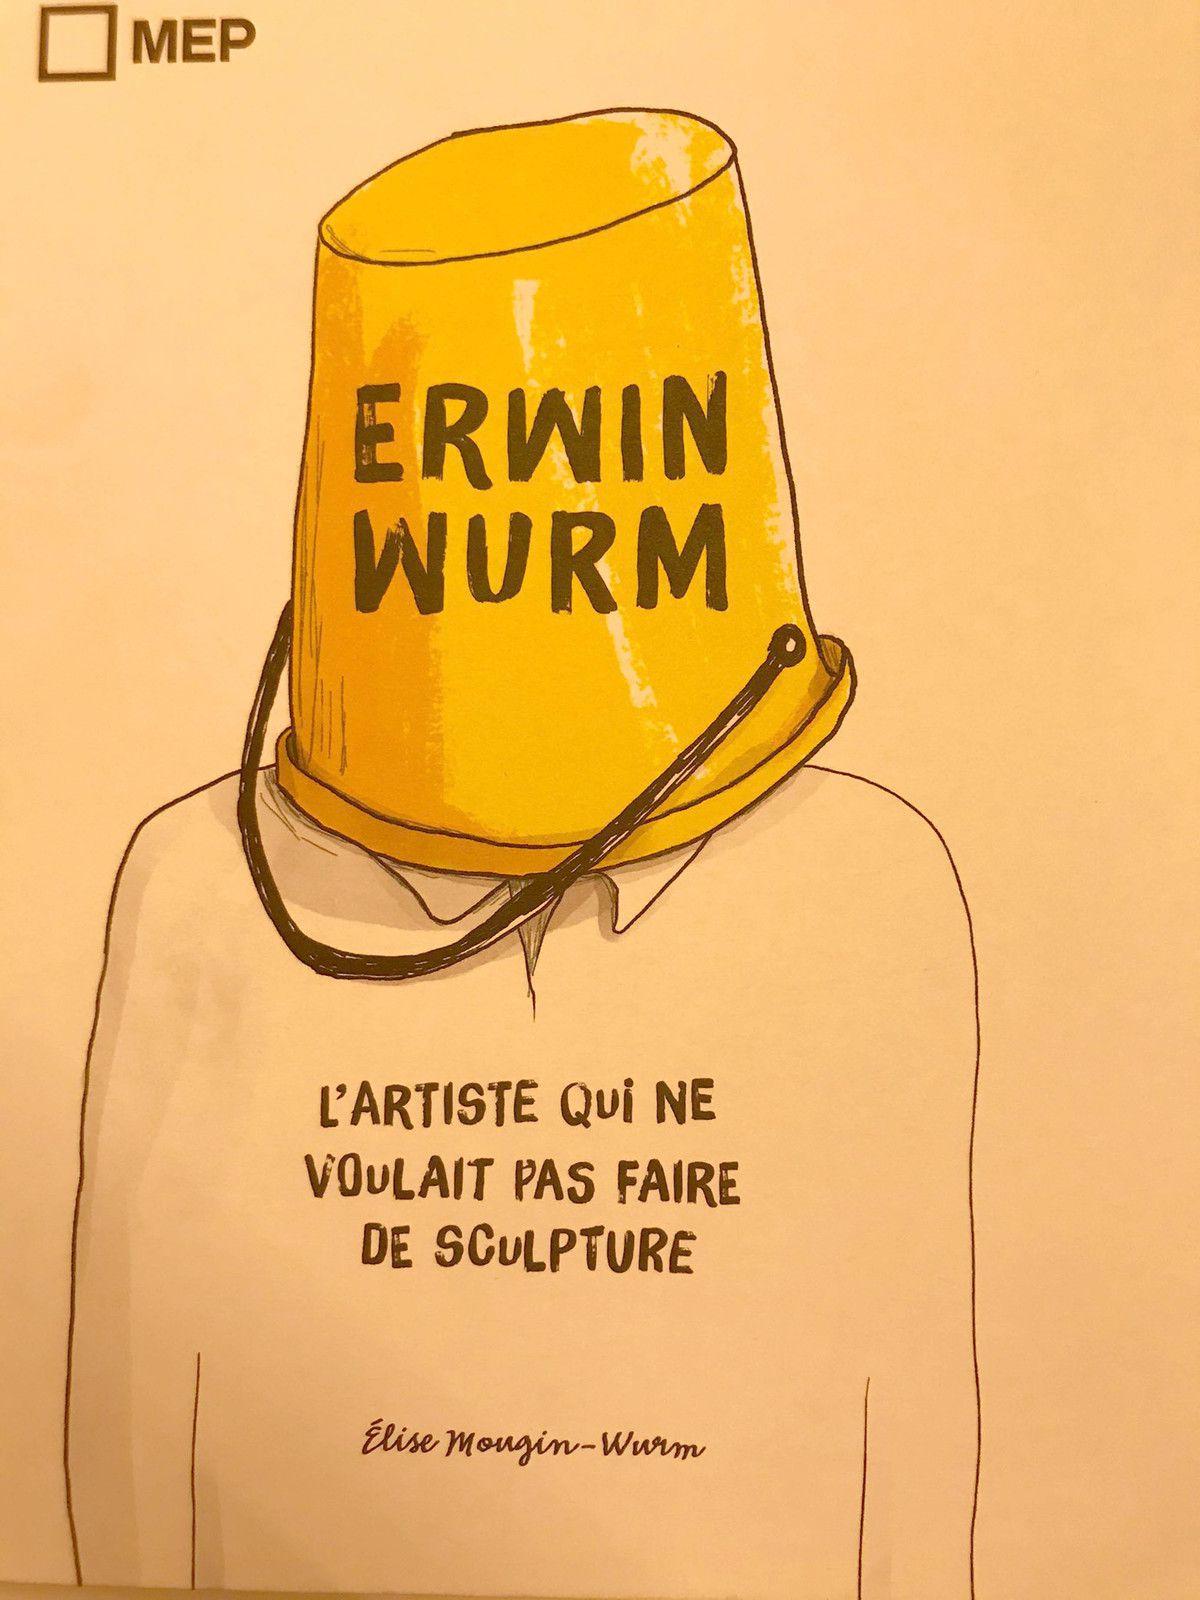 Exposition Photographie Contemporaine: Erwin WURM « PHOTOGRAPHS »